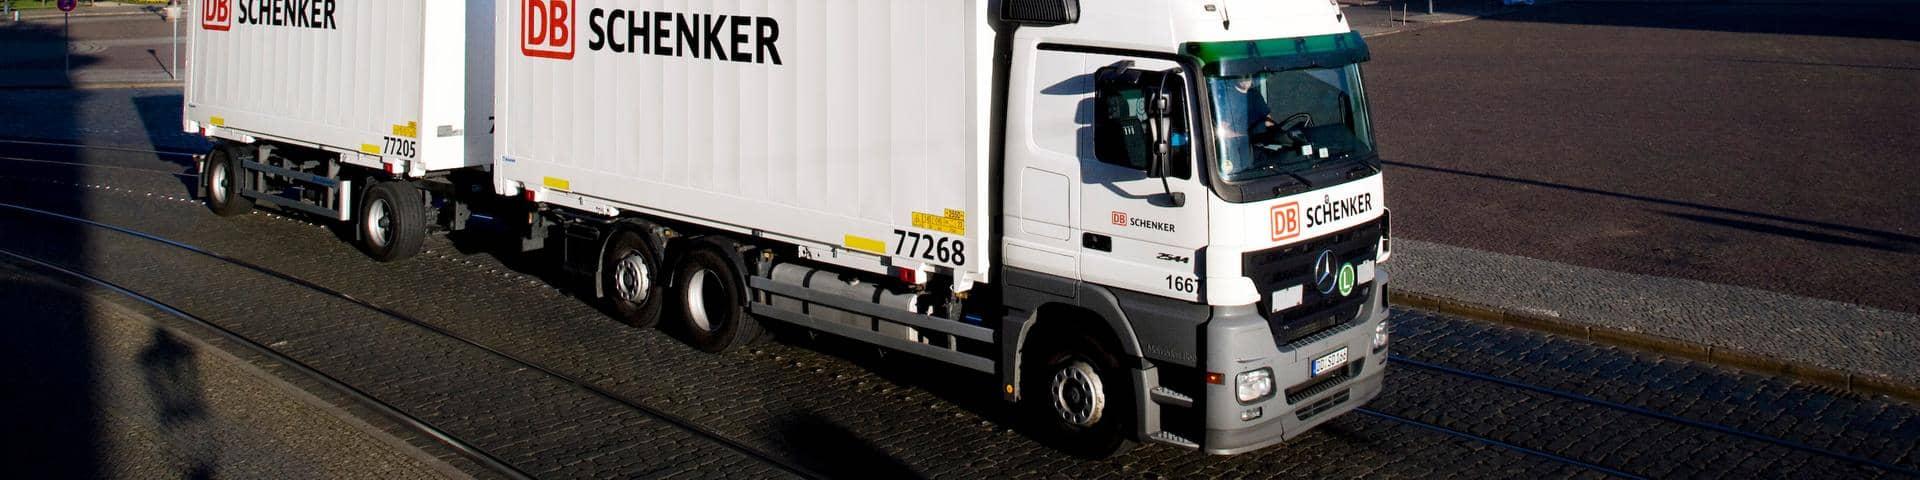 Schenker Truck